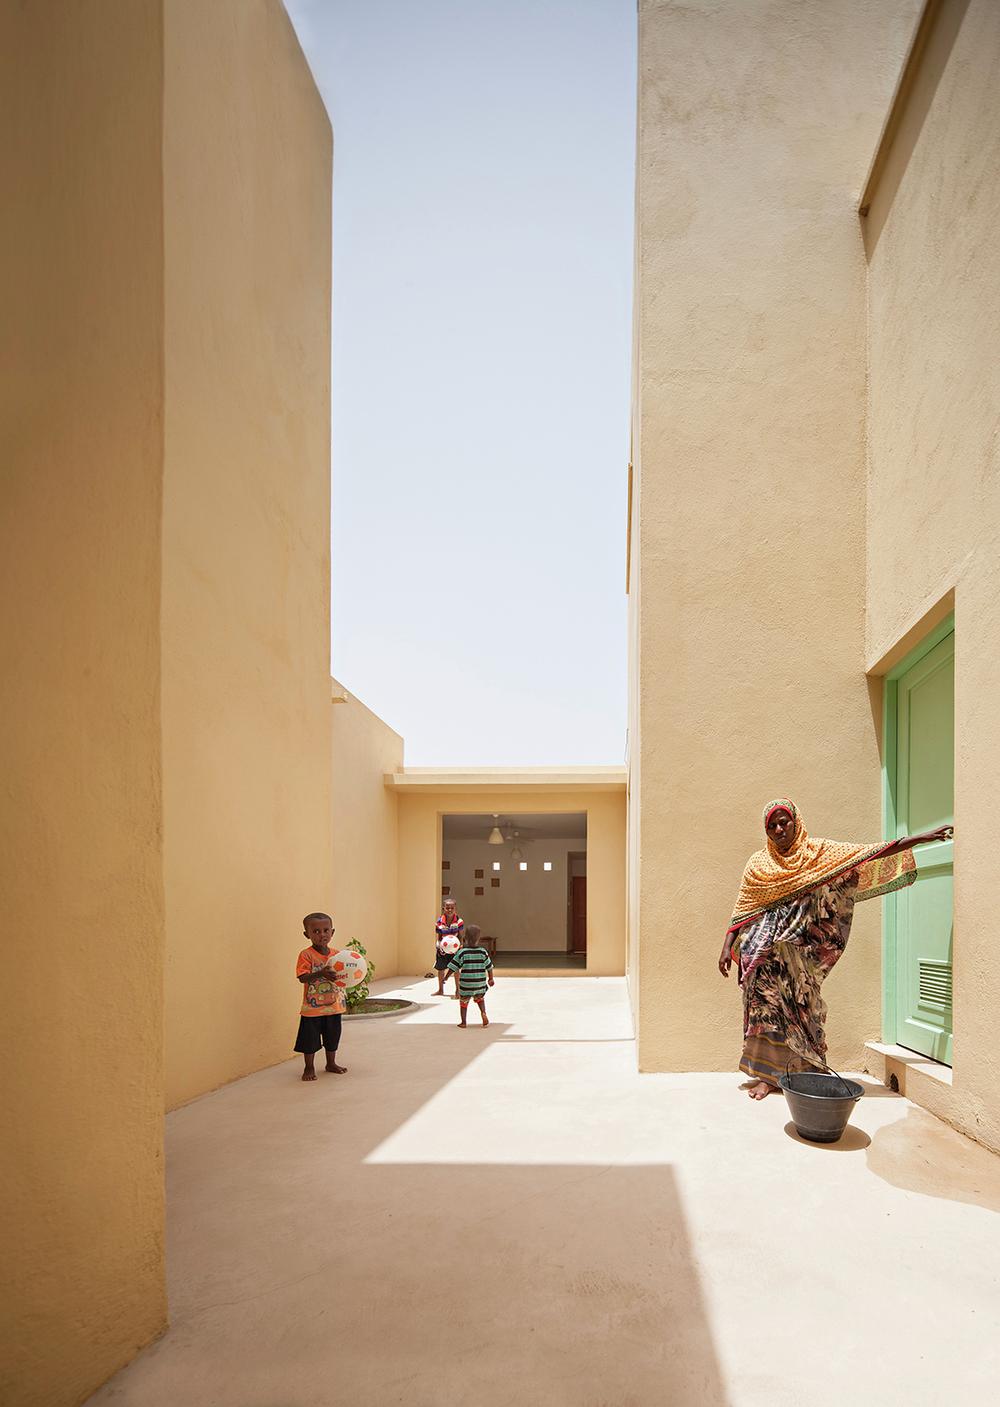 SOS_Village_Djibouti_-_Streets_(11).jpg